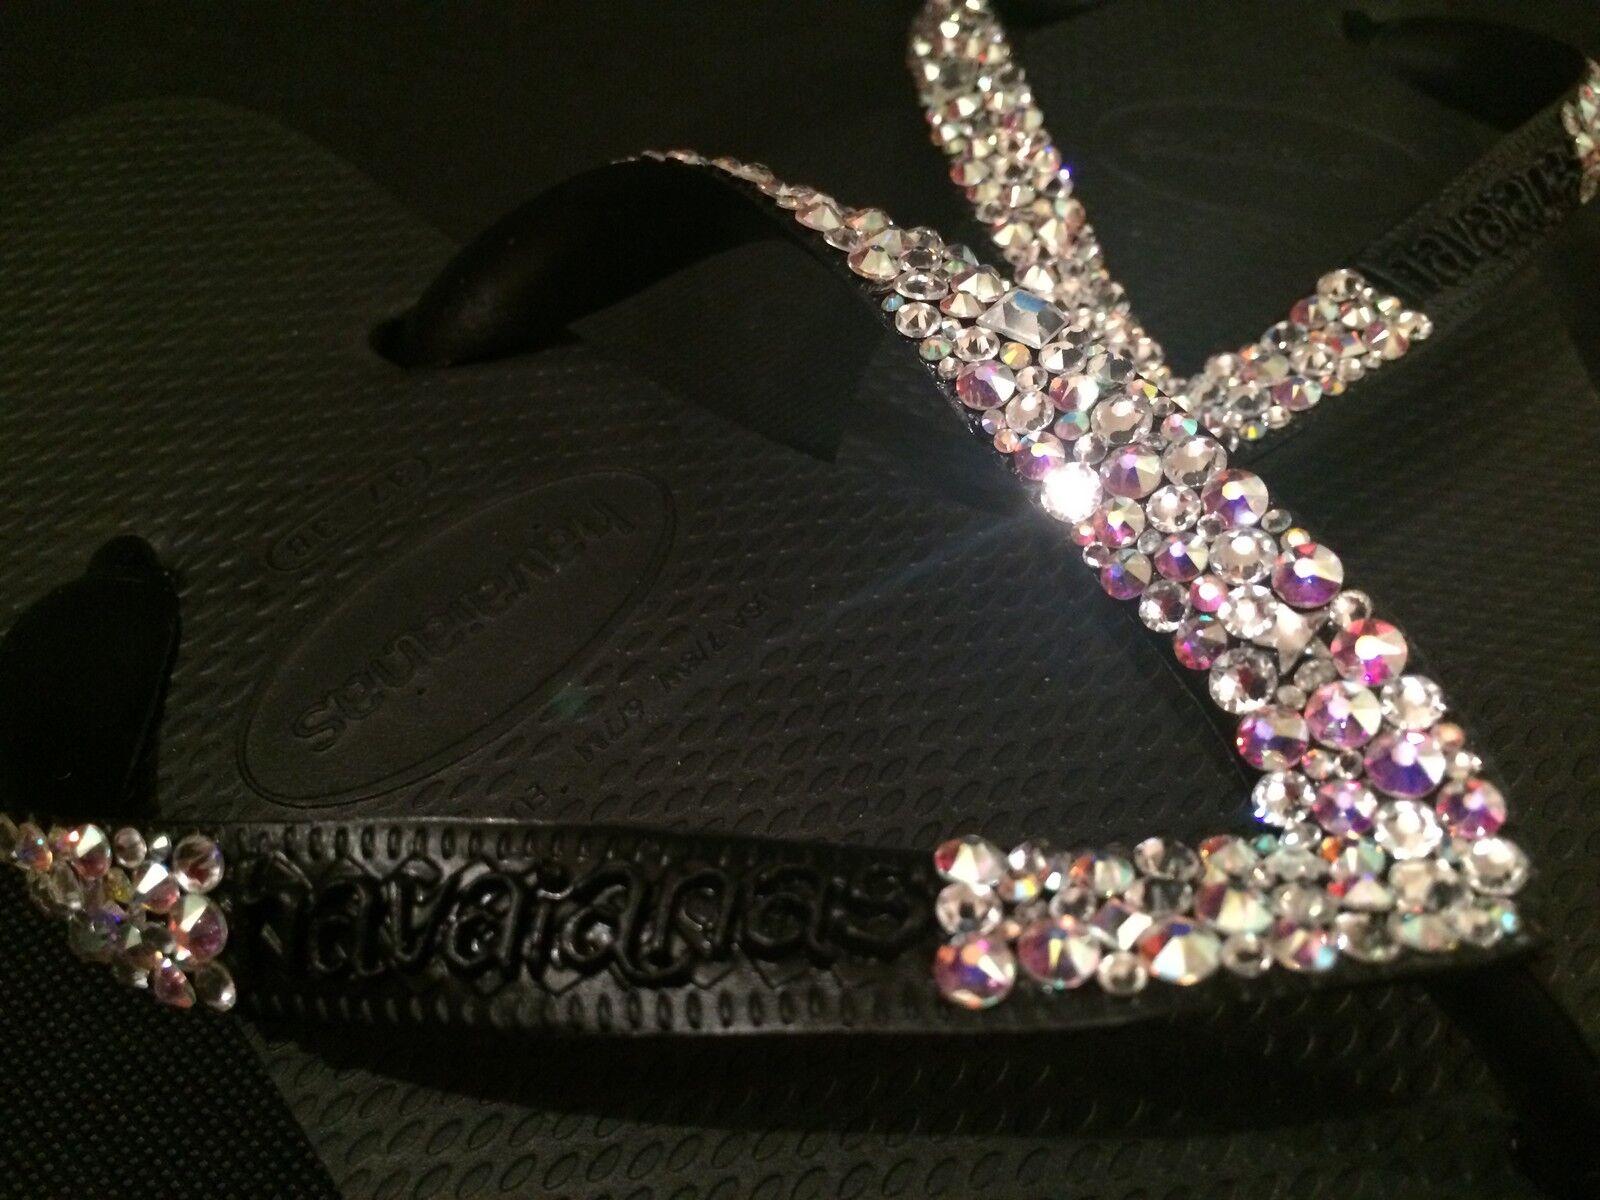 Havaiana Top Flip Flop Sandales MultiCouleure Taille Cristal de Swarovski personnalisé mariage bling